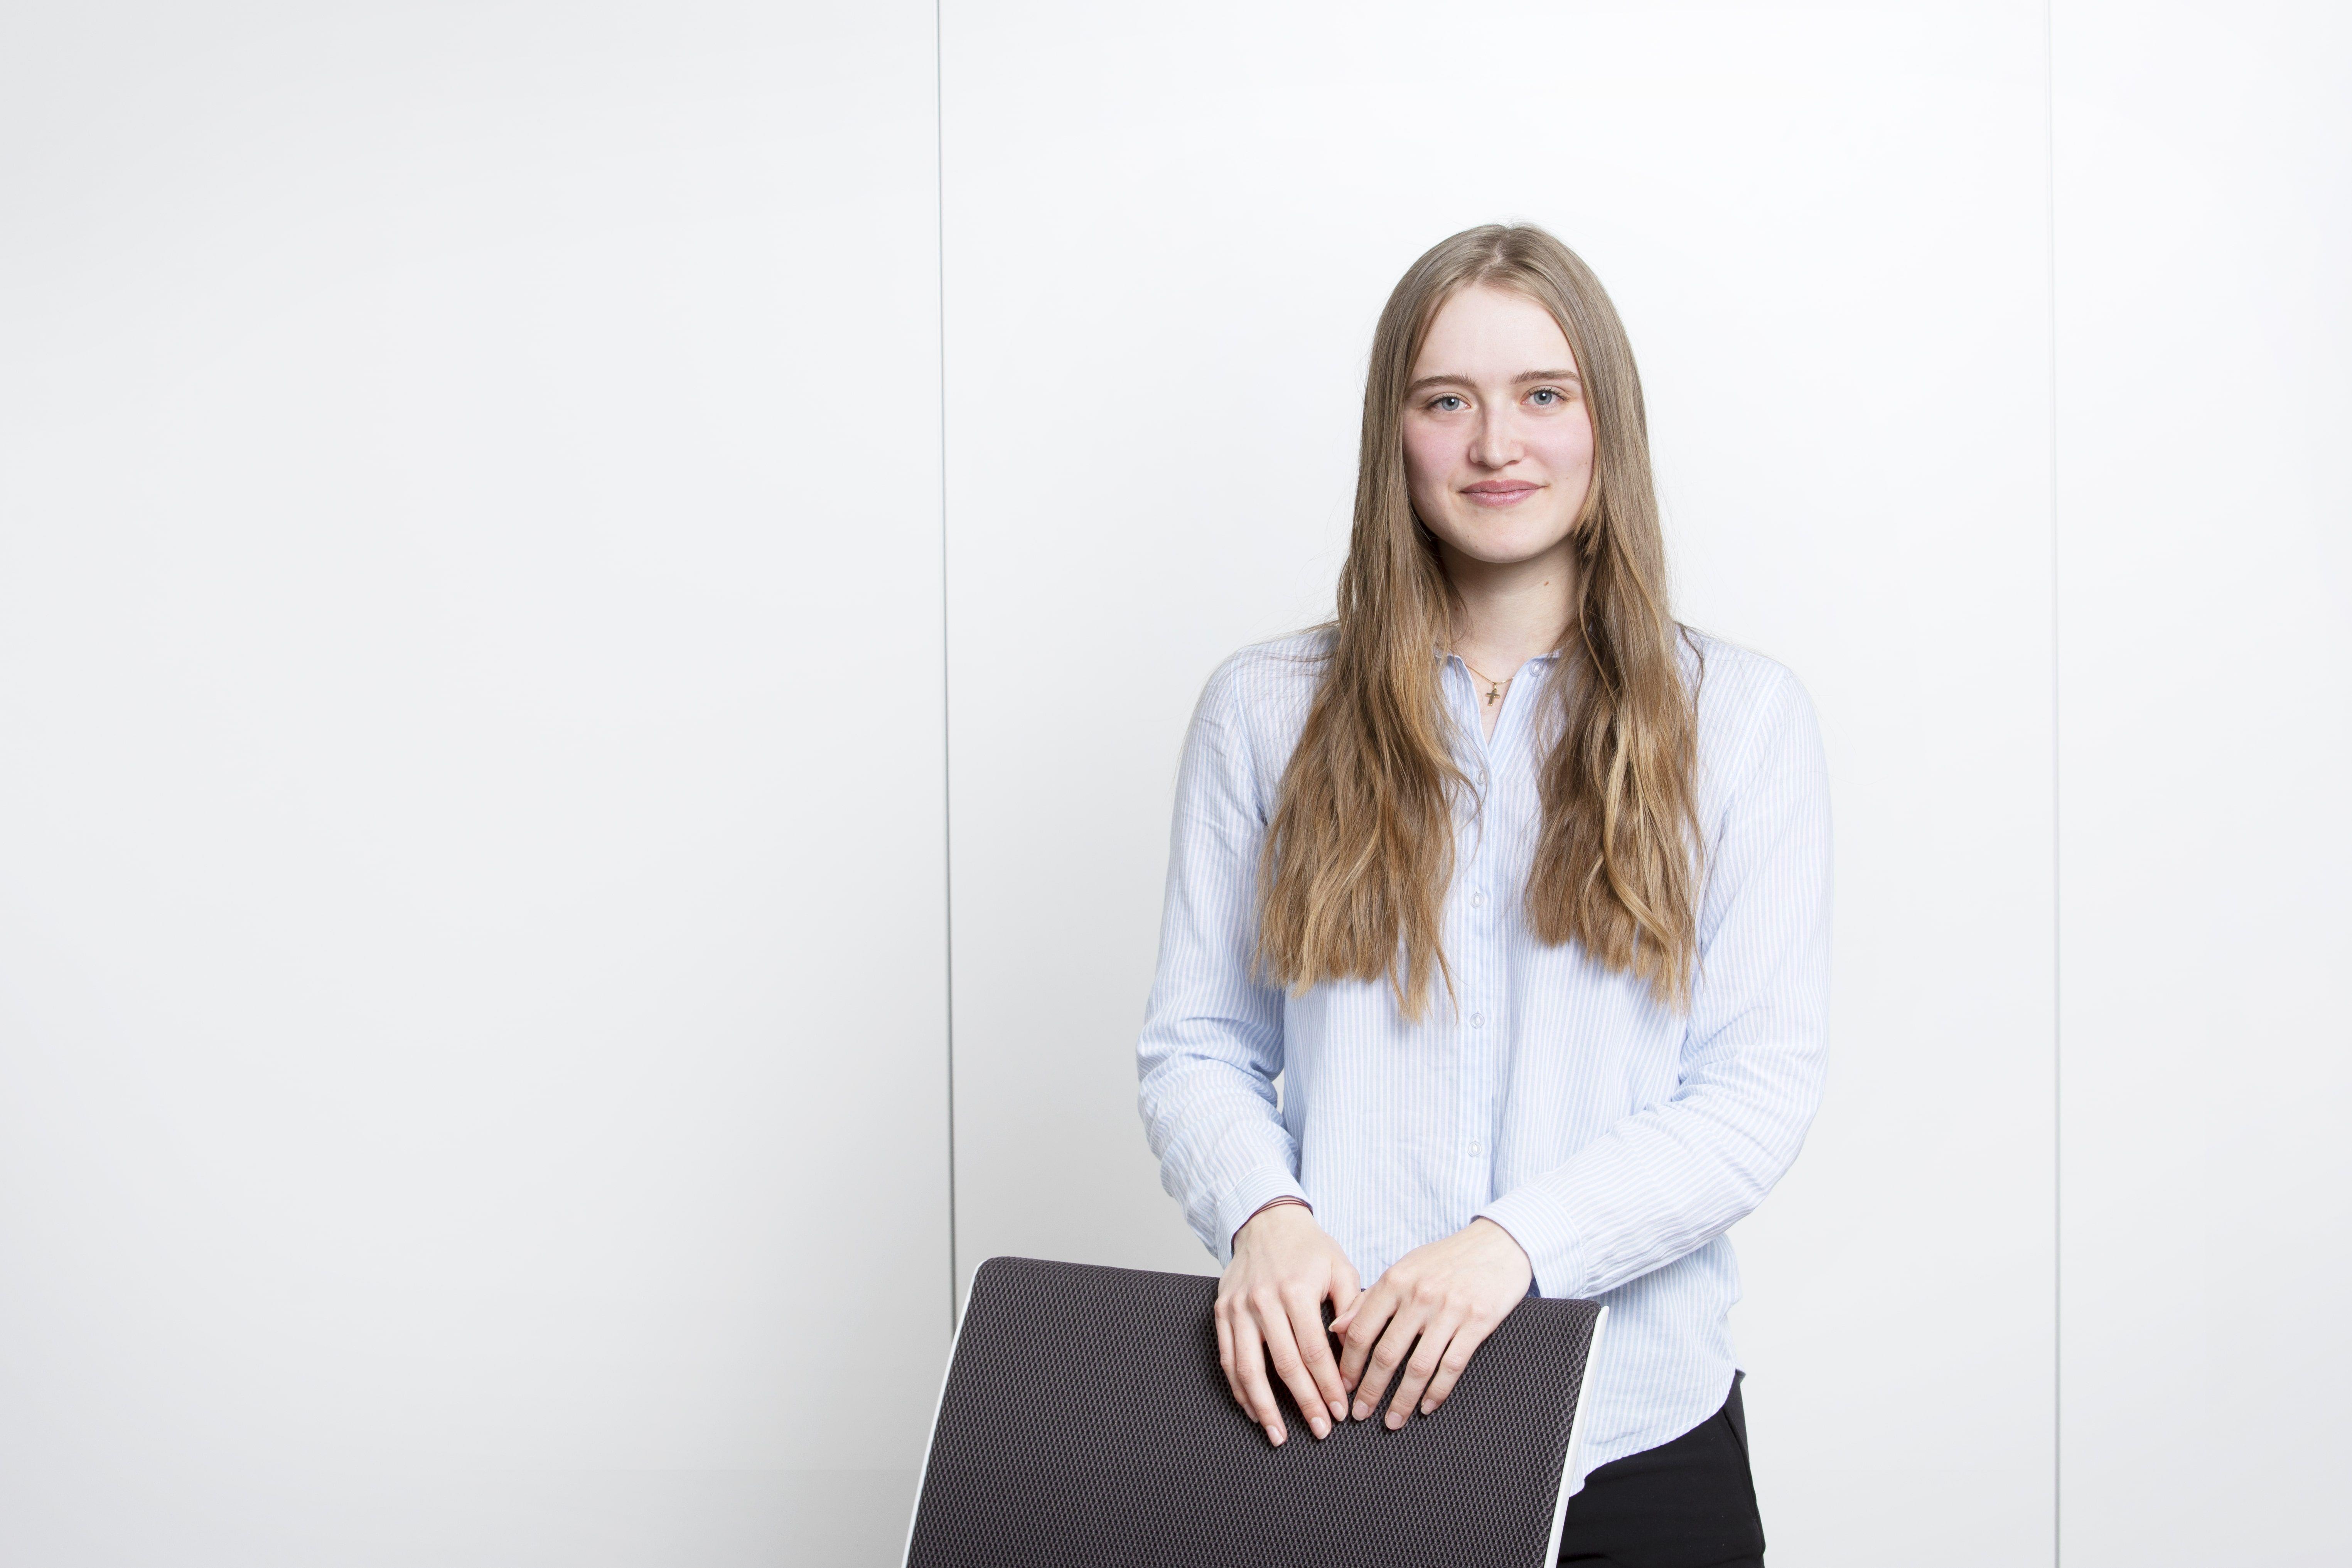 Nathalie Frischeis